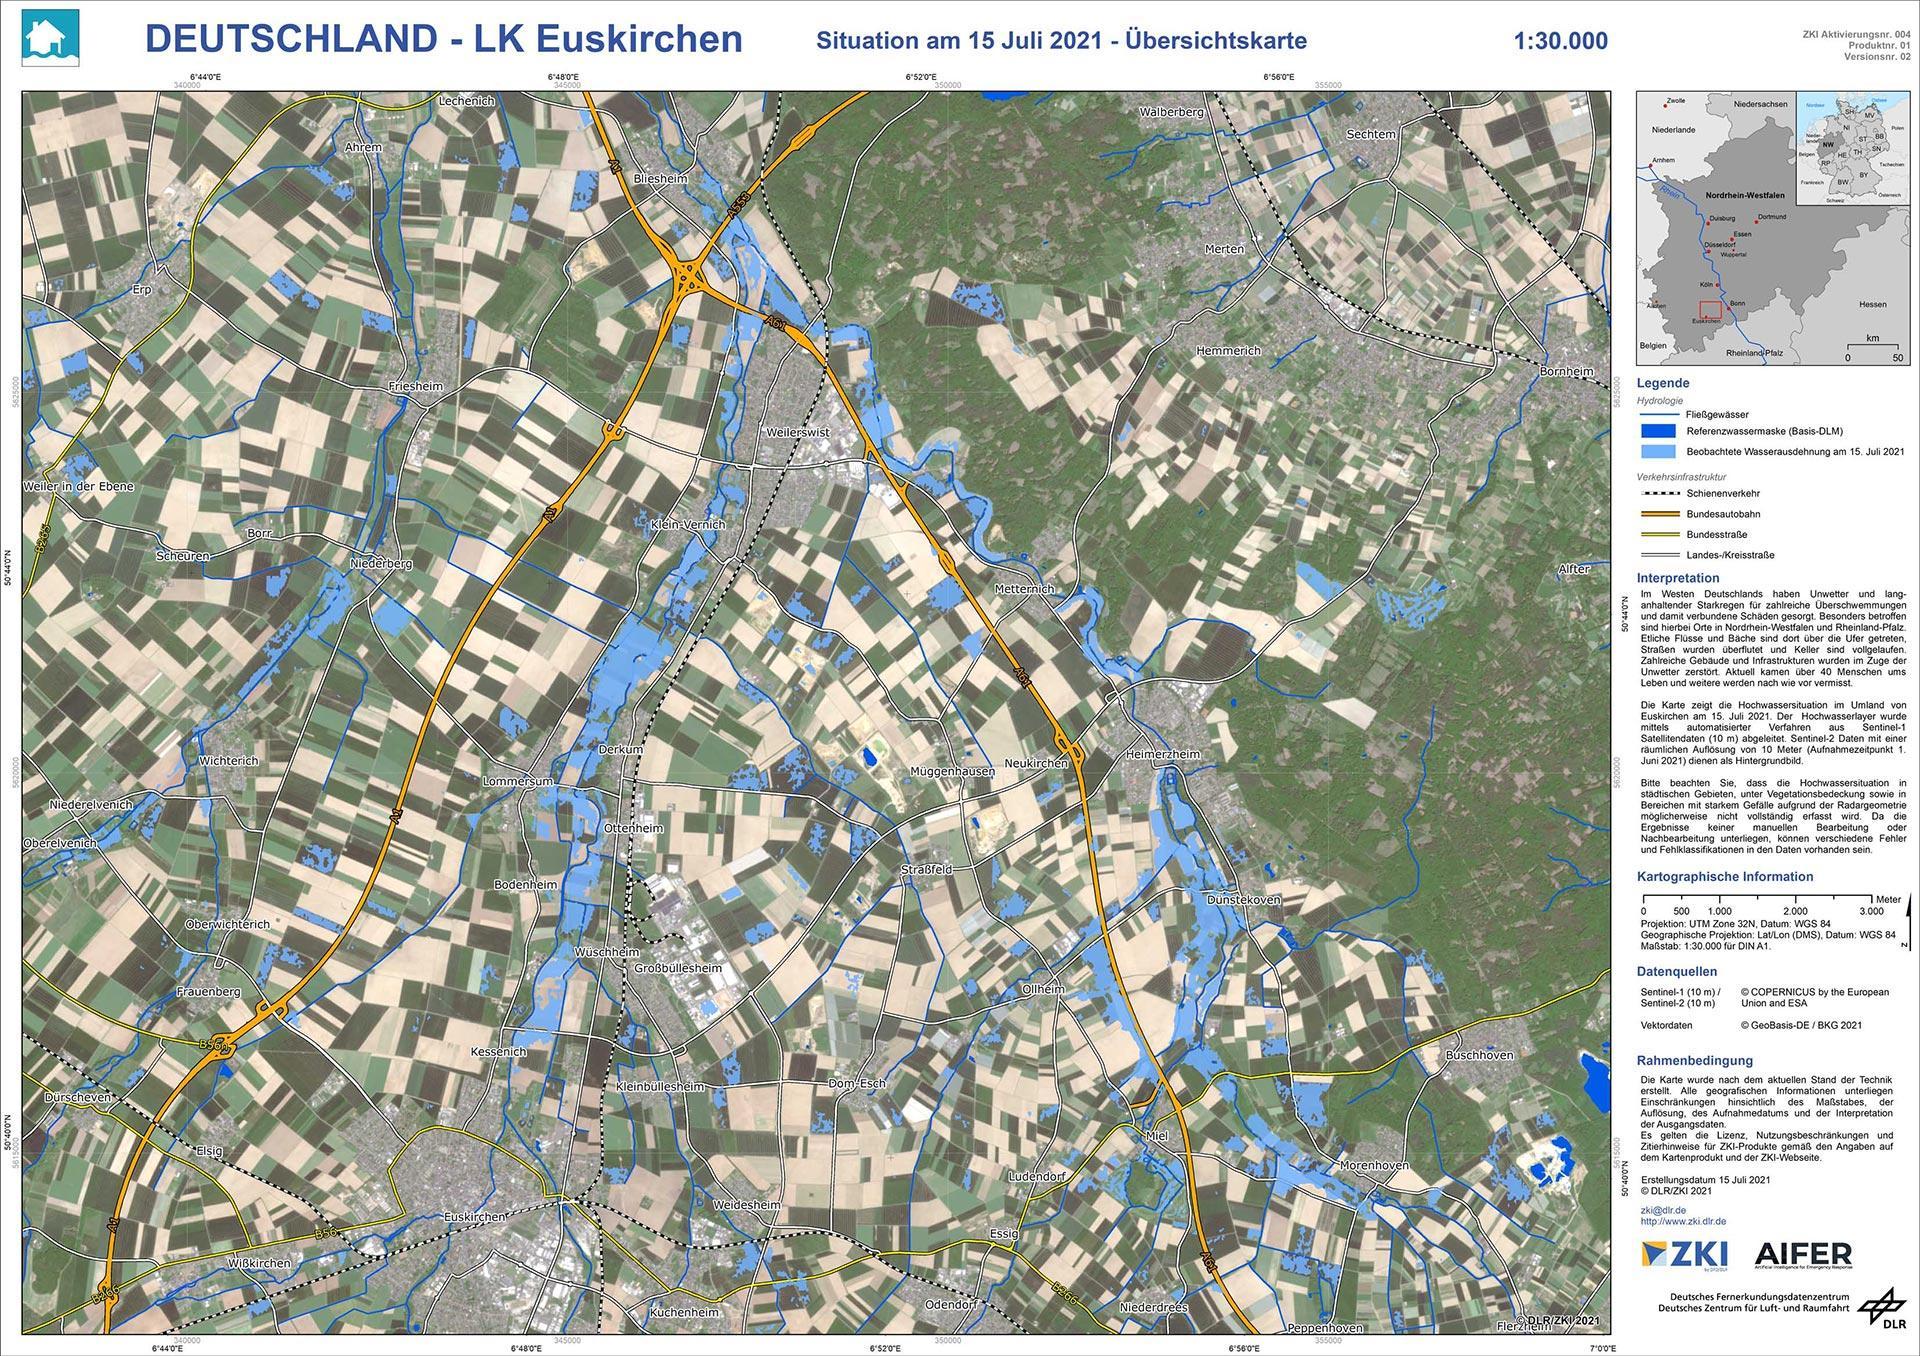 Hochwasserlage in Euskirchen © DLR